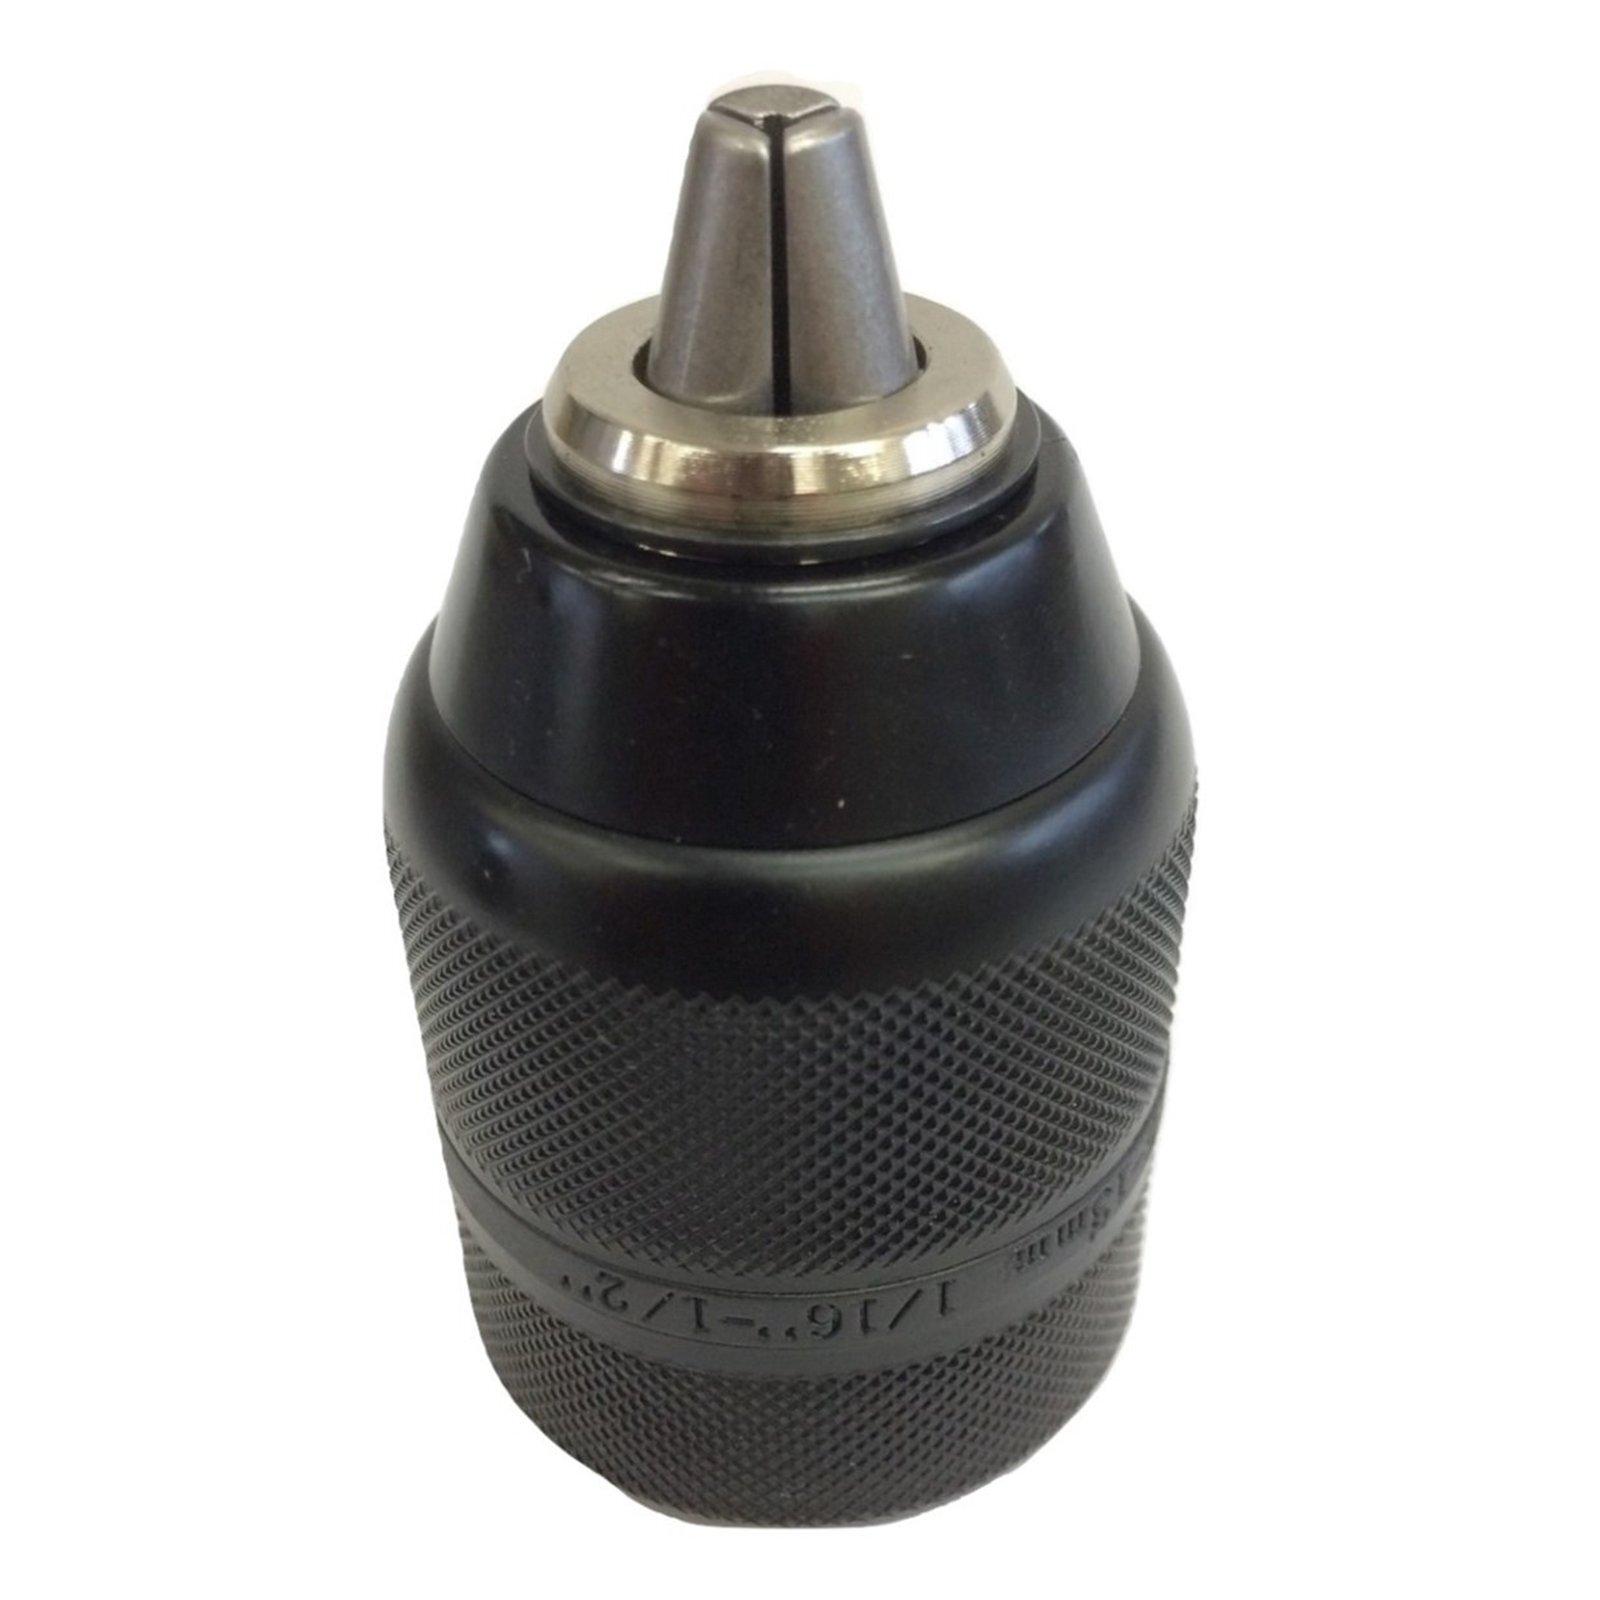 Ultra 13mm Keyless Drill Chuck